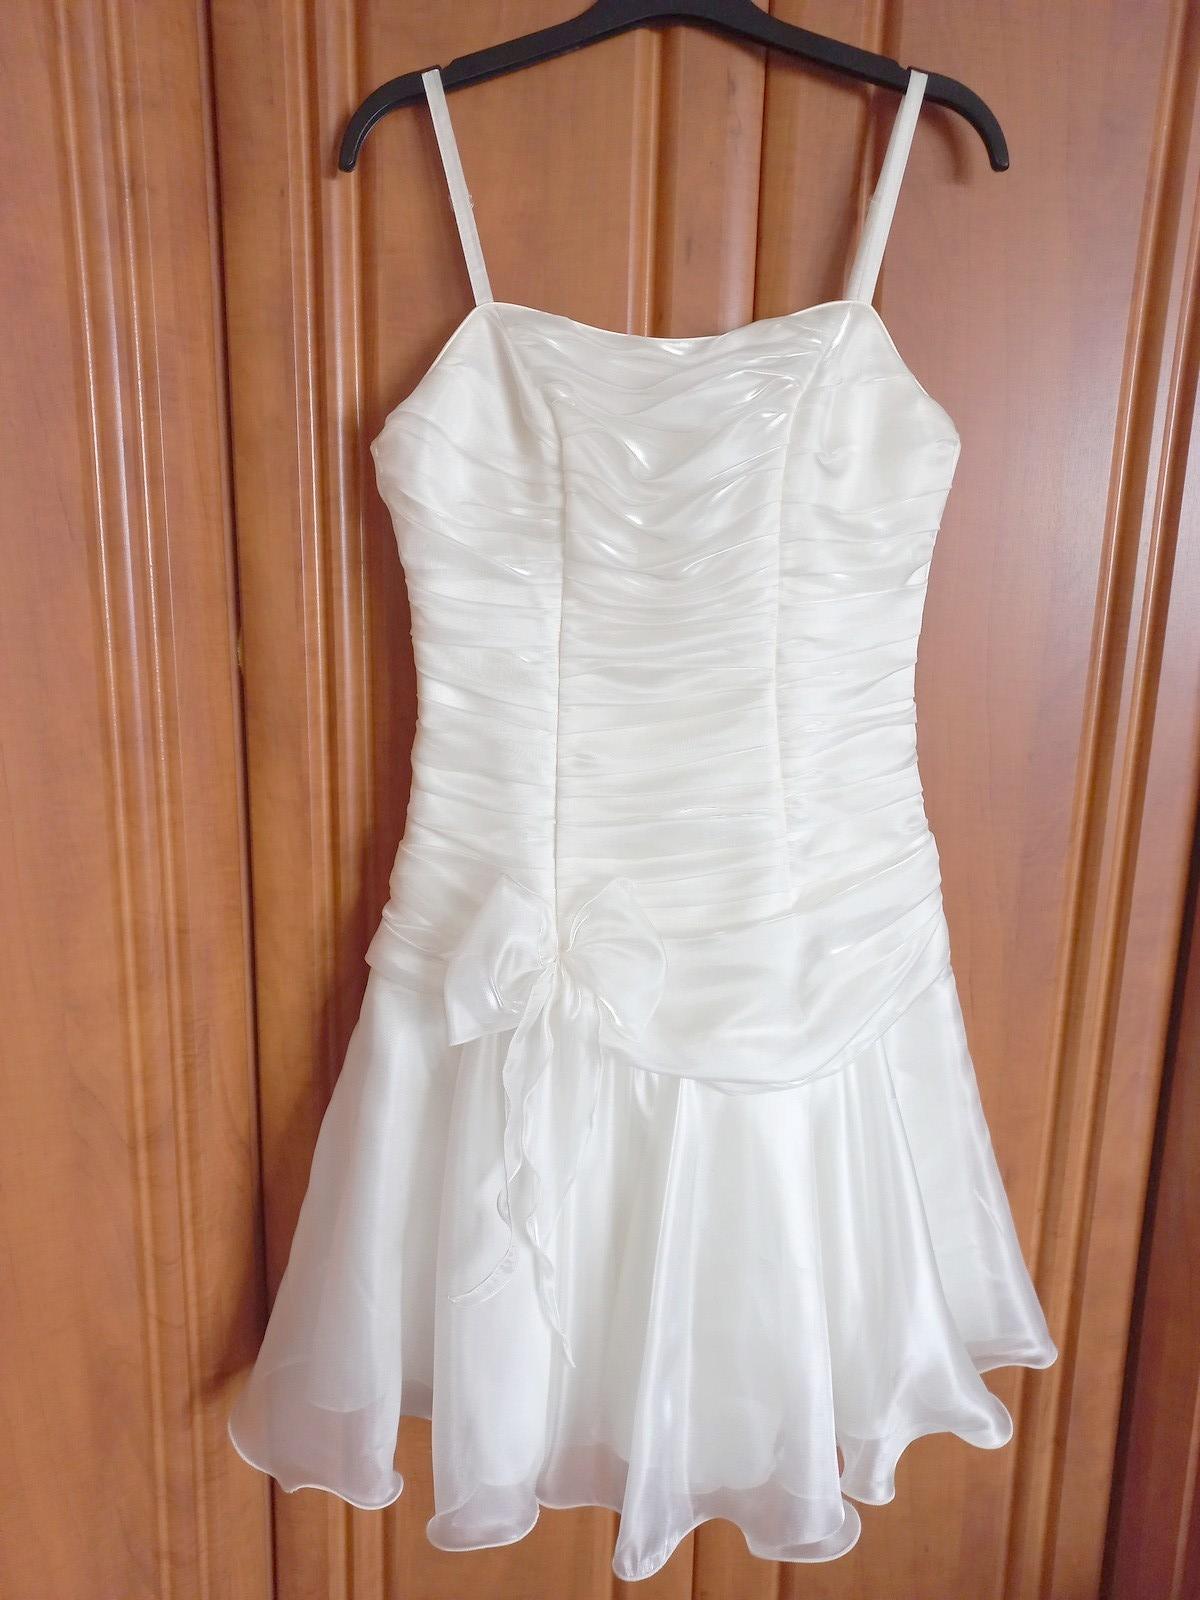 Krátké svatební šaty vel. 36-40 - Obrázek č. 1